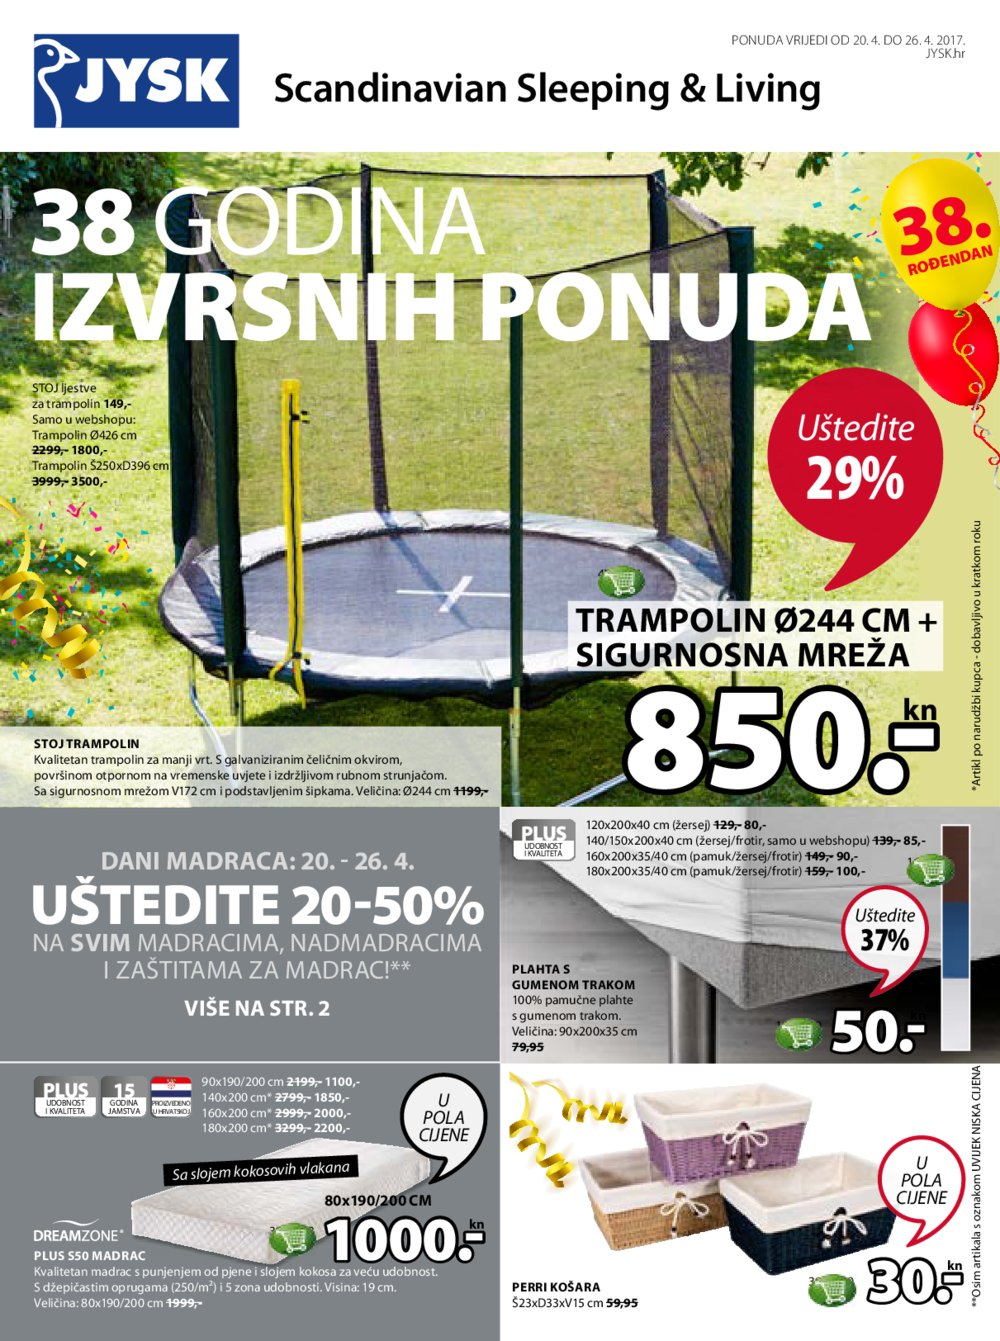 JYSK katalog 38 godina izvrsnih ponuda 20.4-26.4.2017.